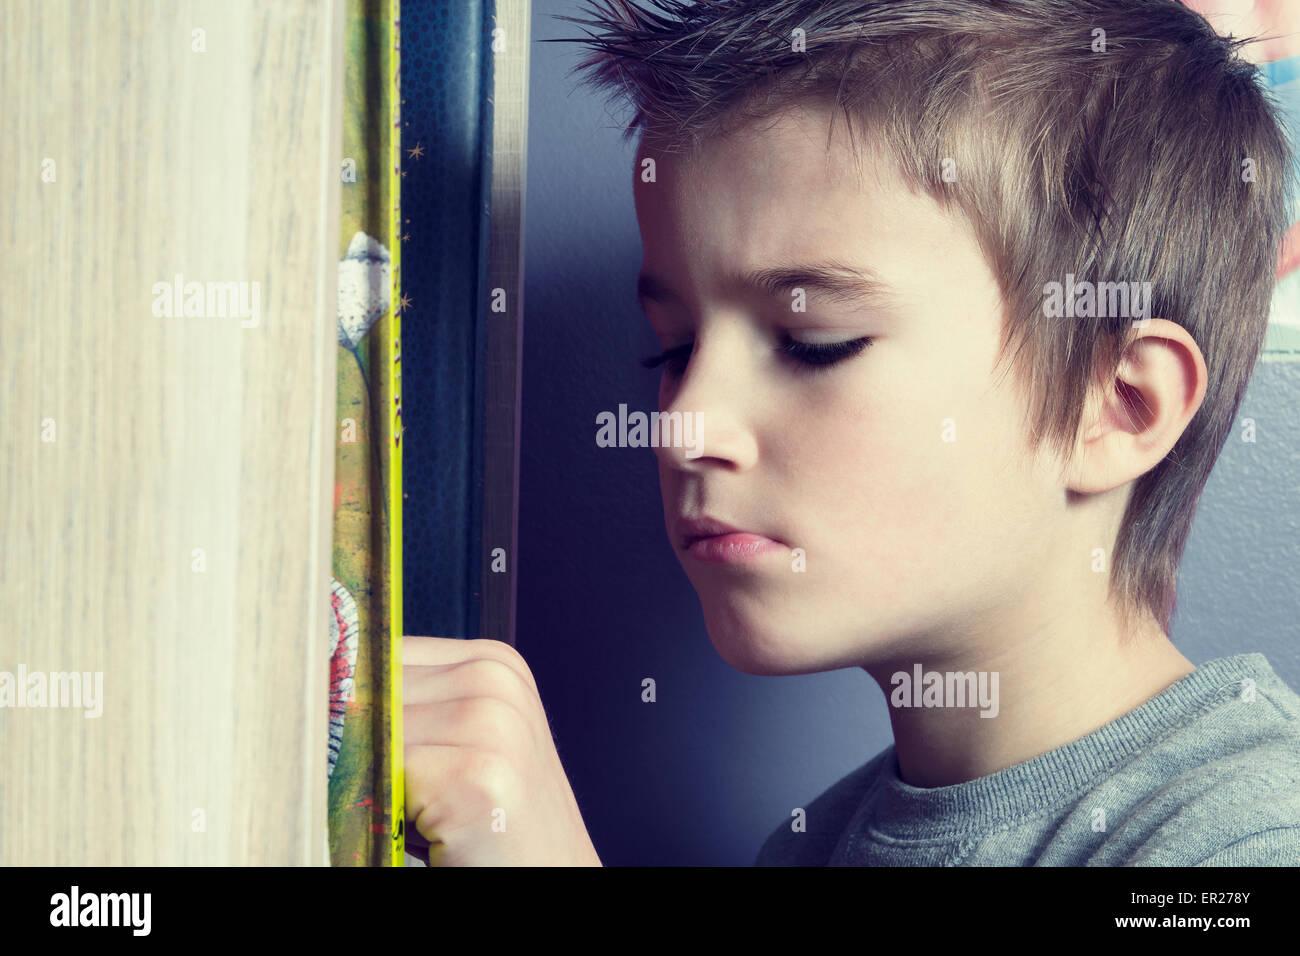 Niño de 8 años eligiendo un libro en su dormitorio Imagen De Stock